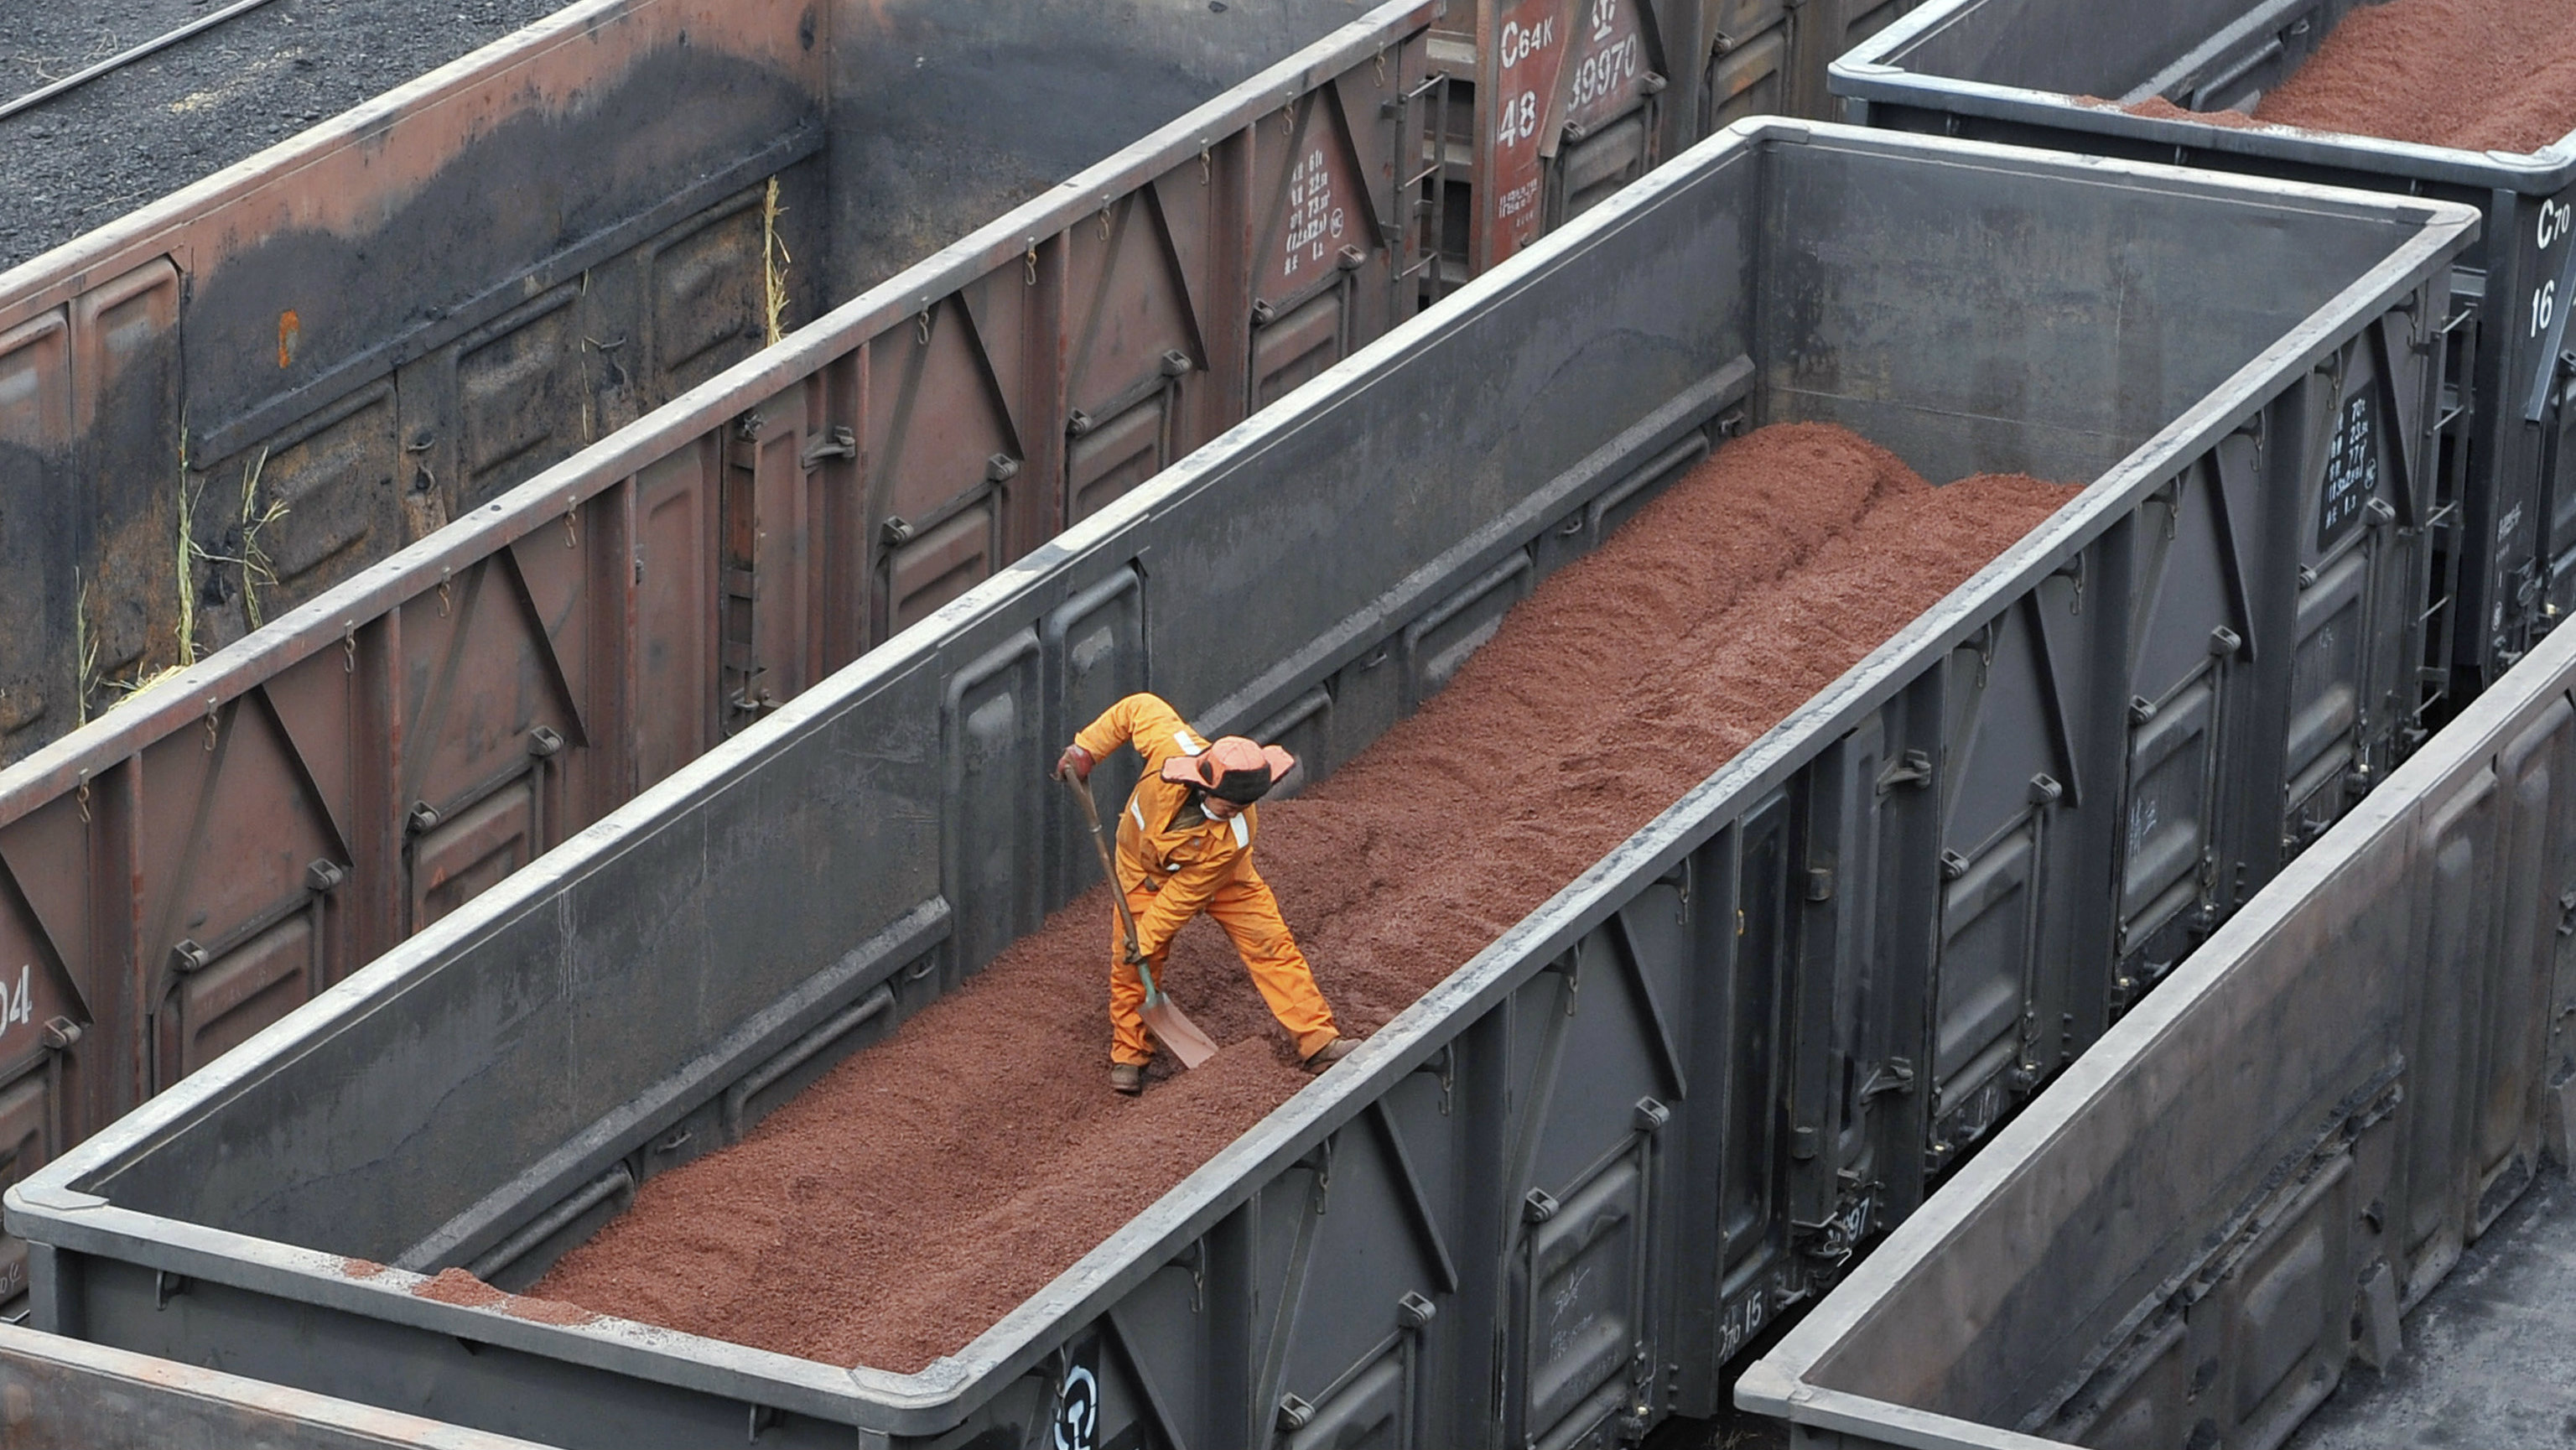 c china iron ore RTR2BXBD Sheng Li